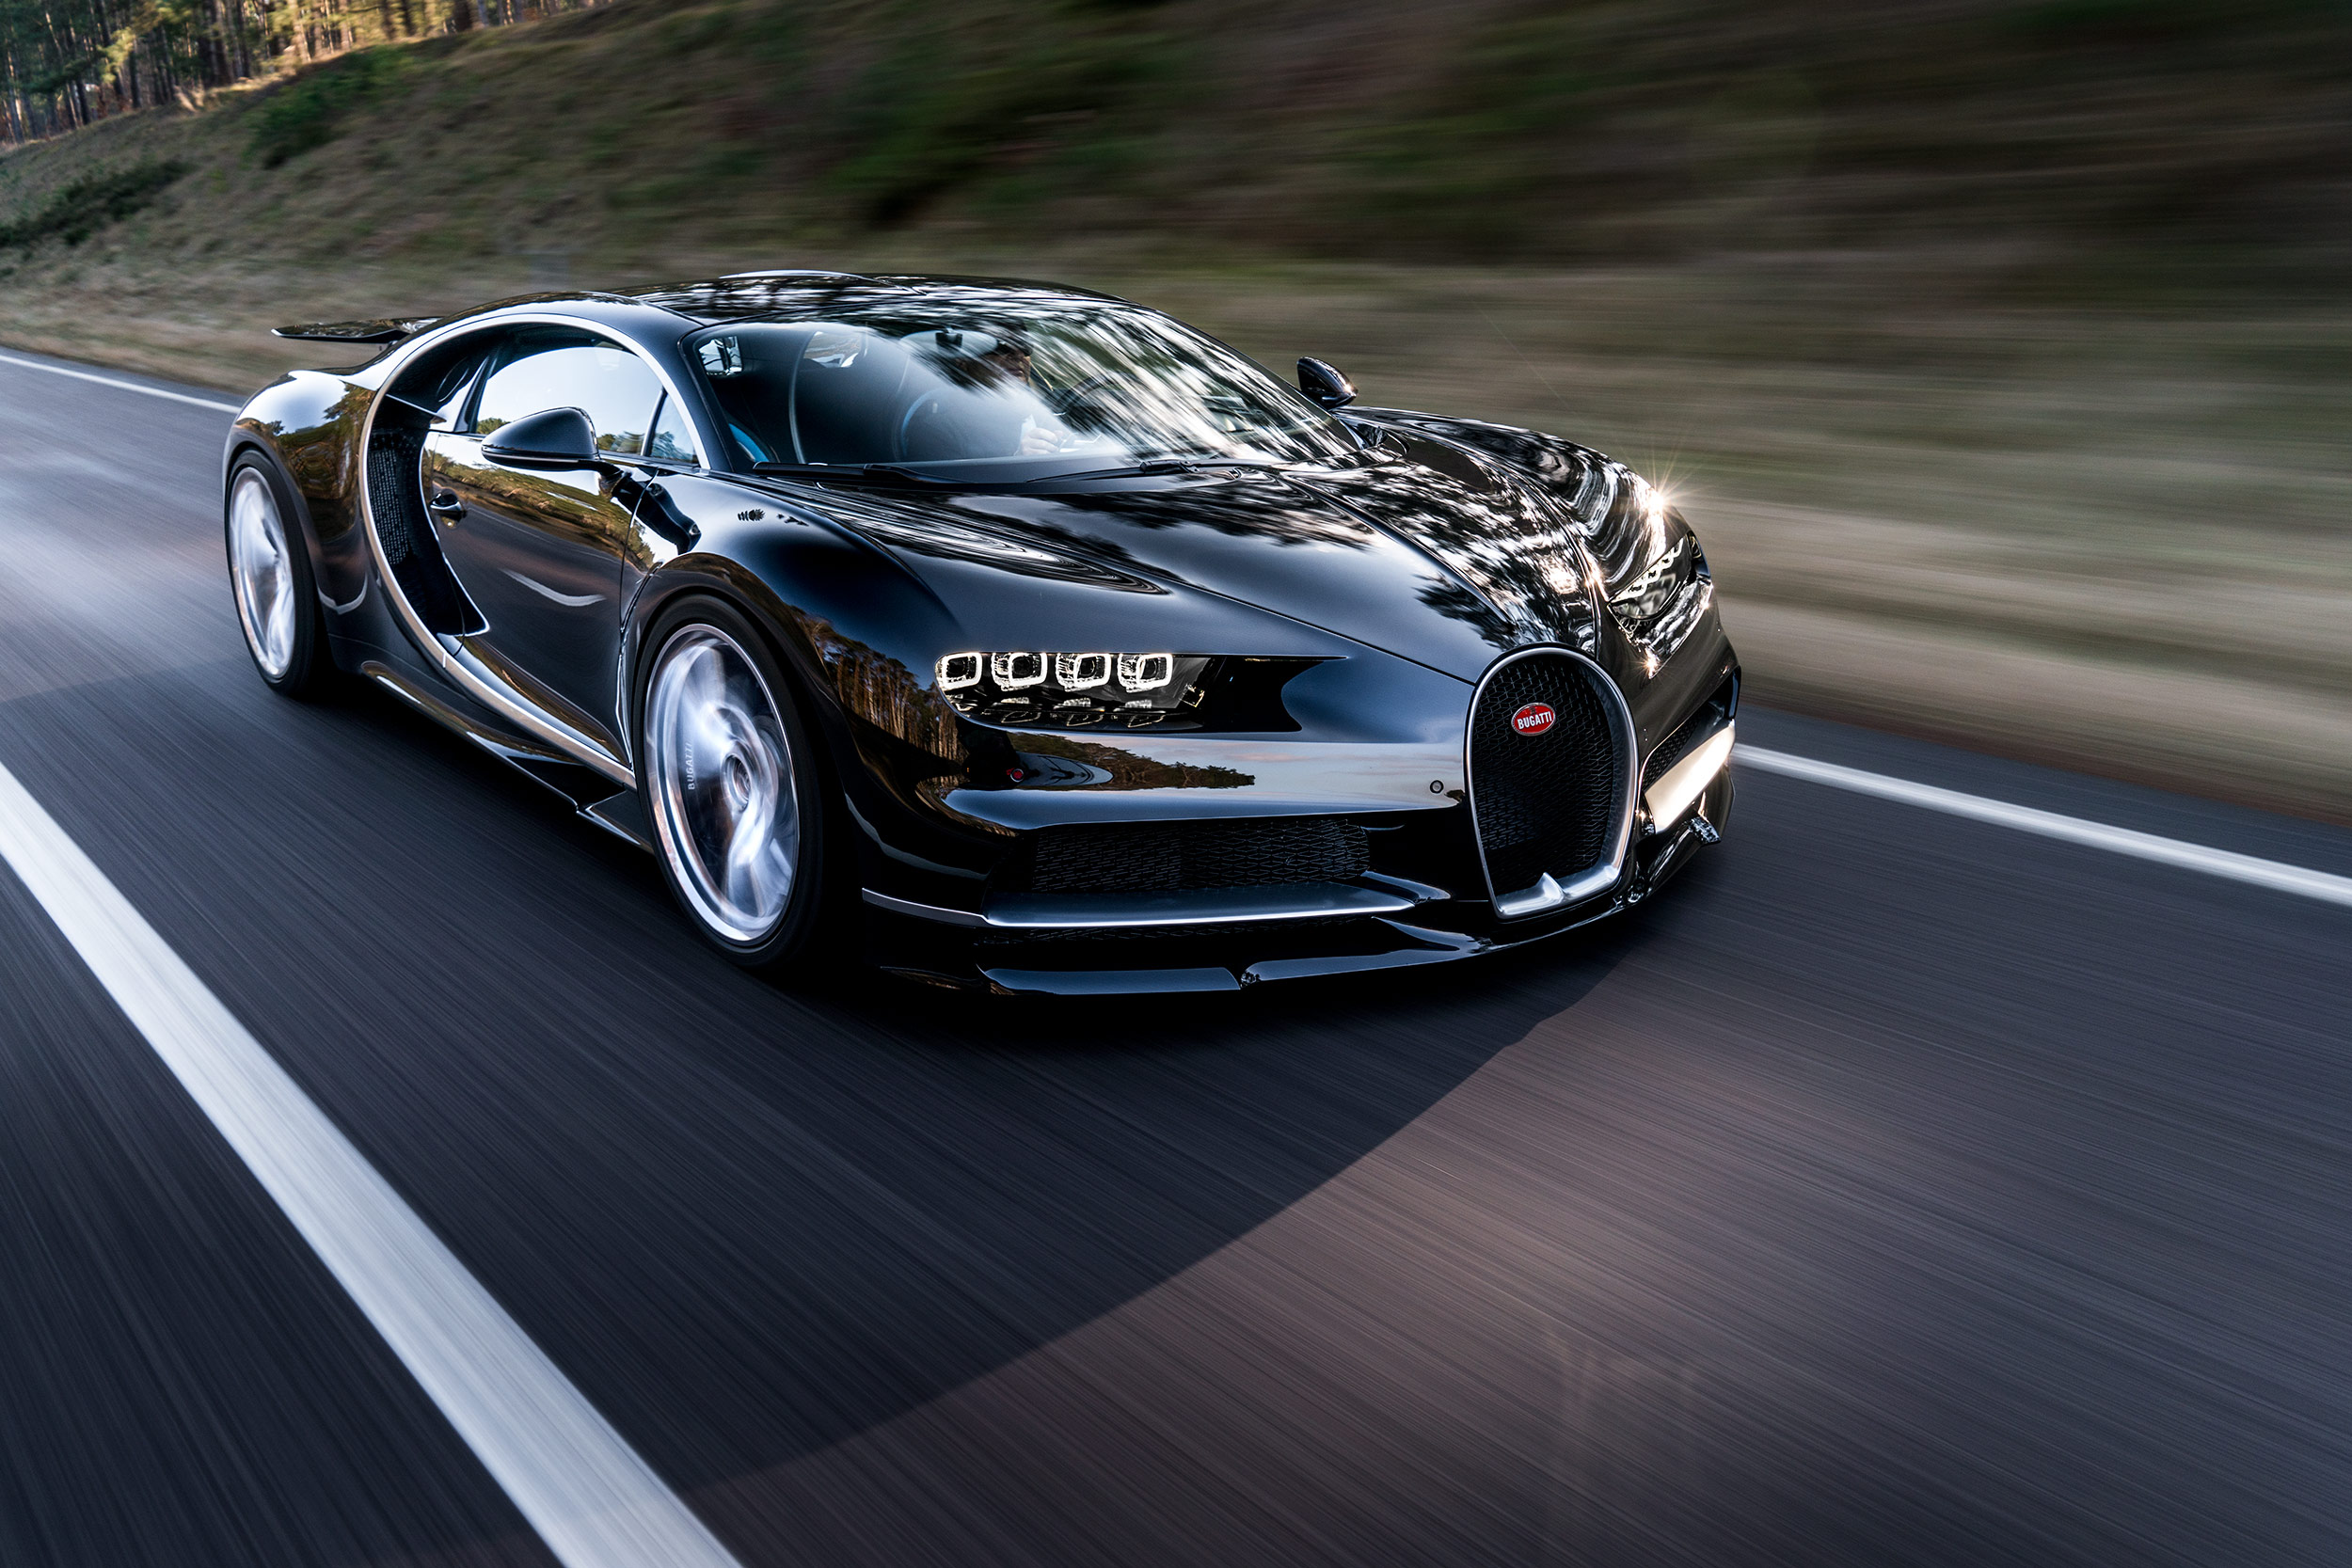 Bugatti The Verge